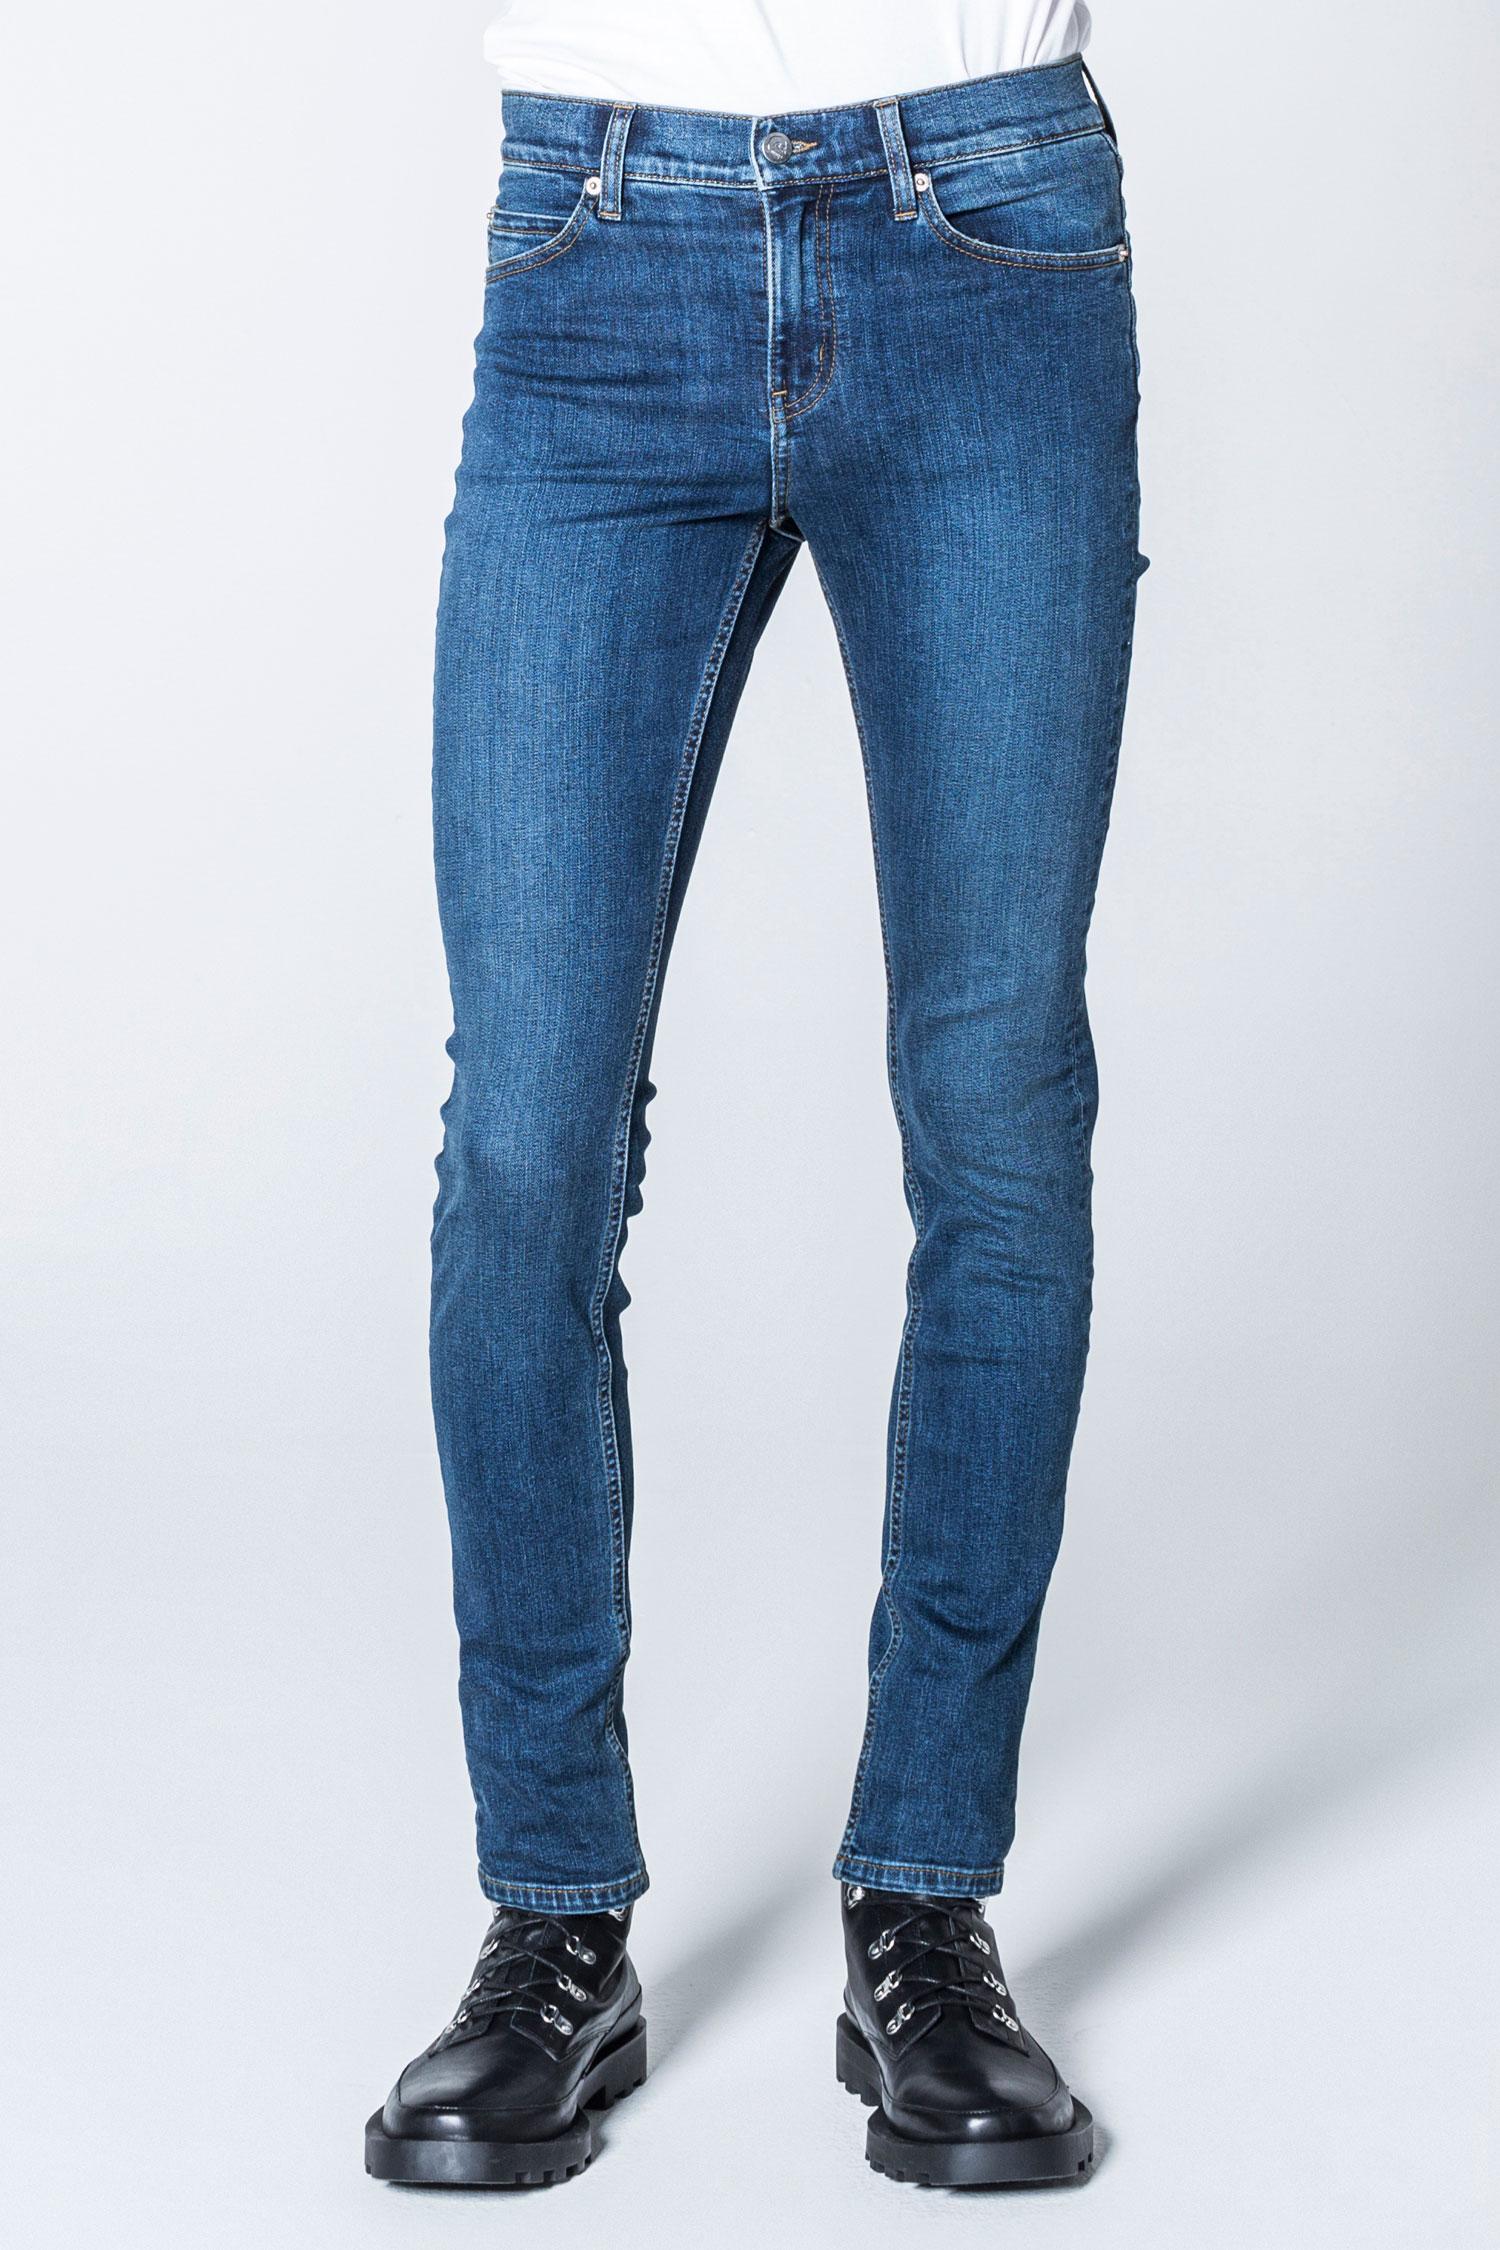 Grosir Celana Jeans Levis 04 Harga Murah Bagus Berkualitas